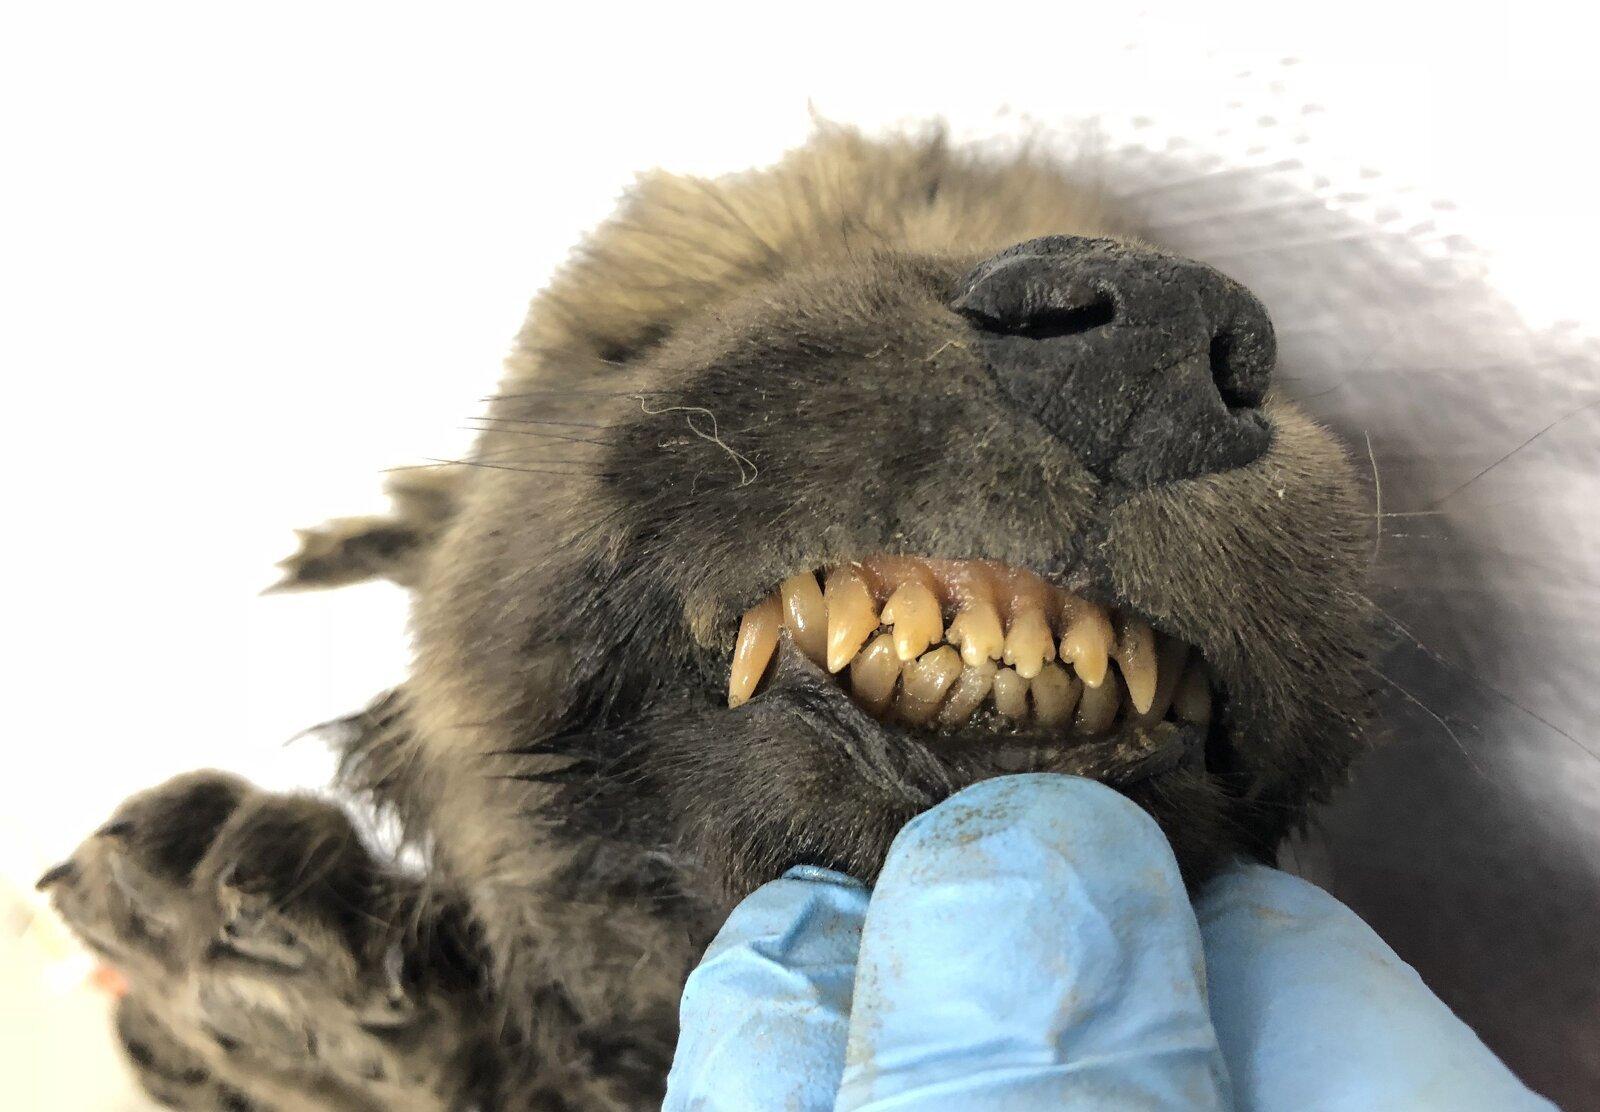 La cara de Dogor ha estat increïblement ben conservada pel permagel